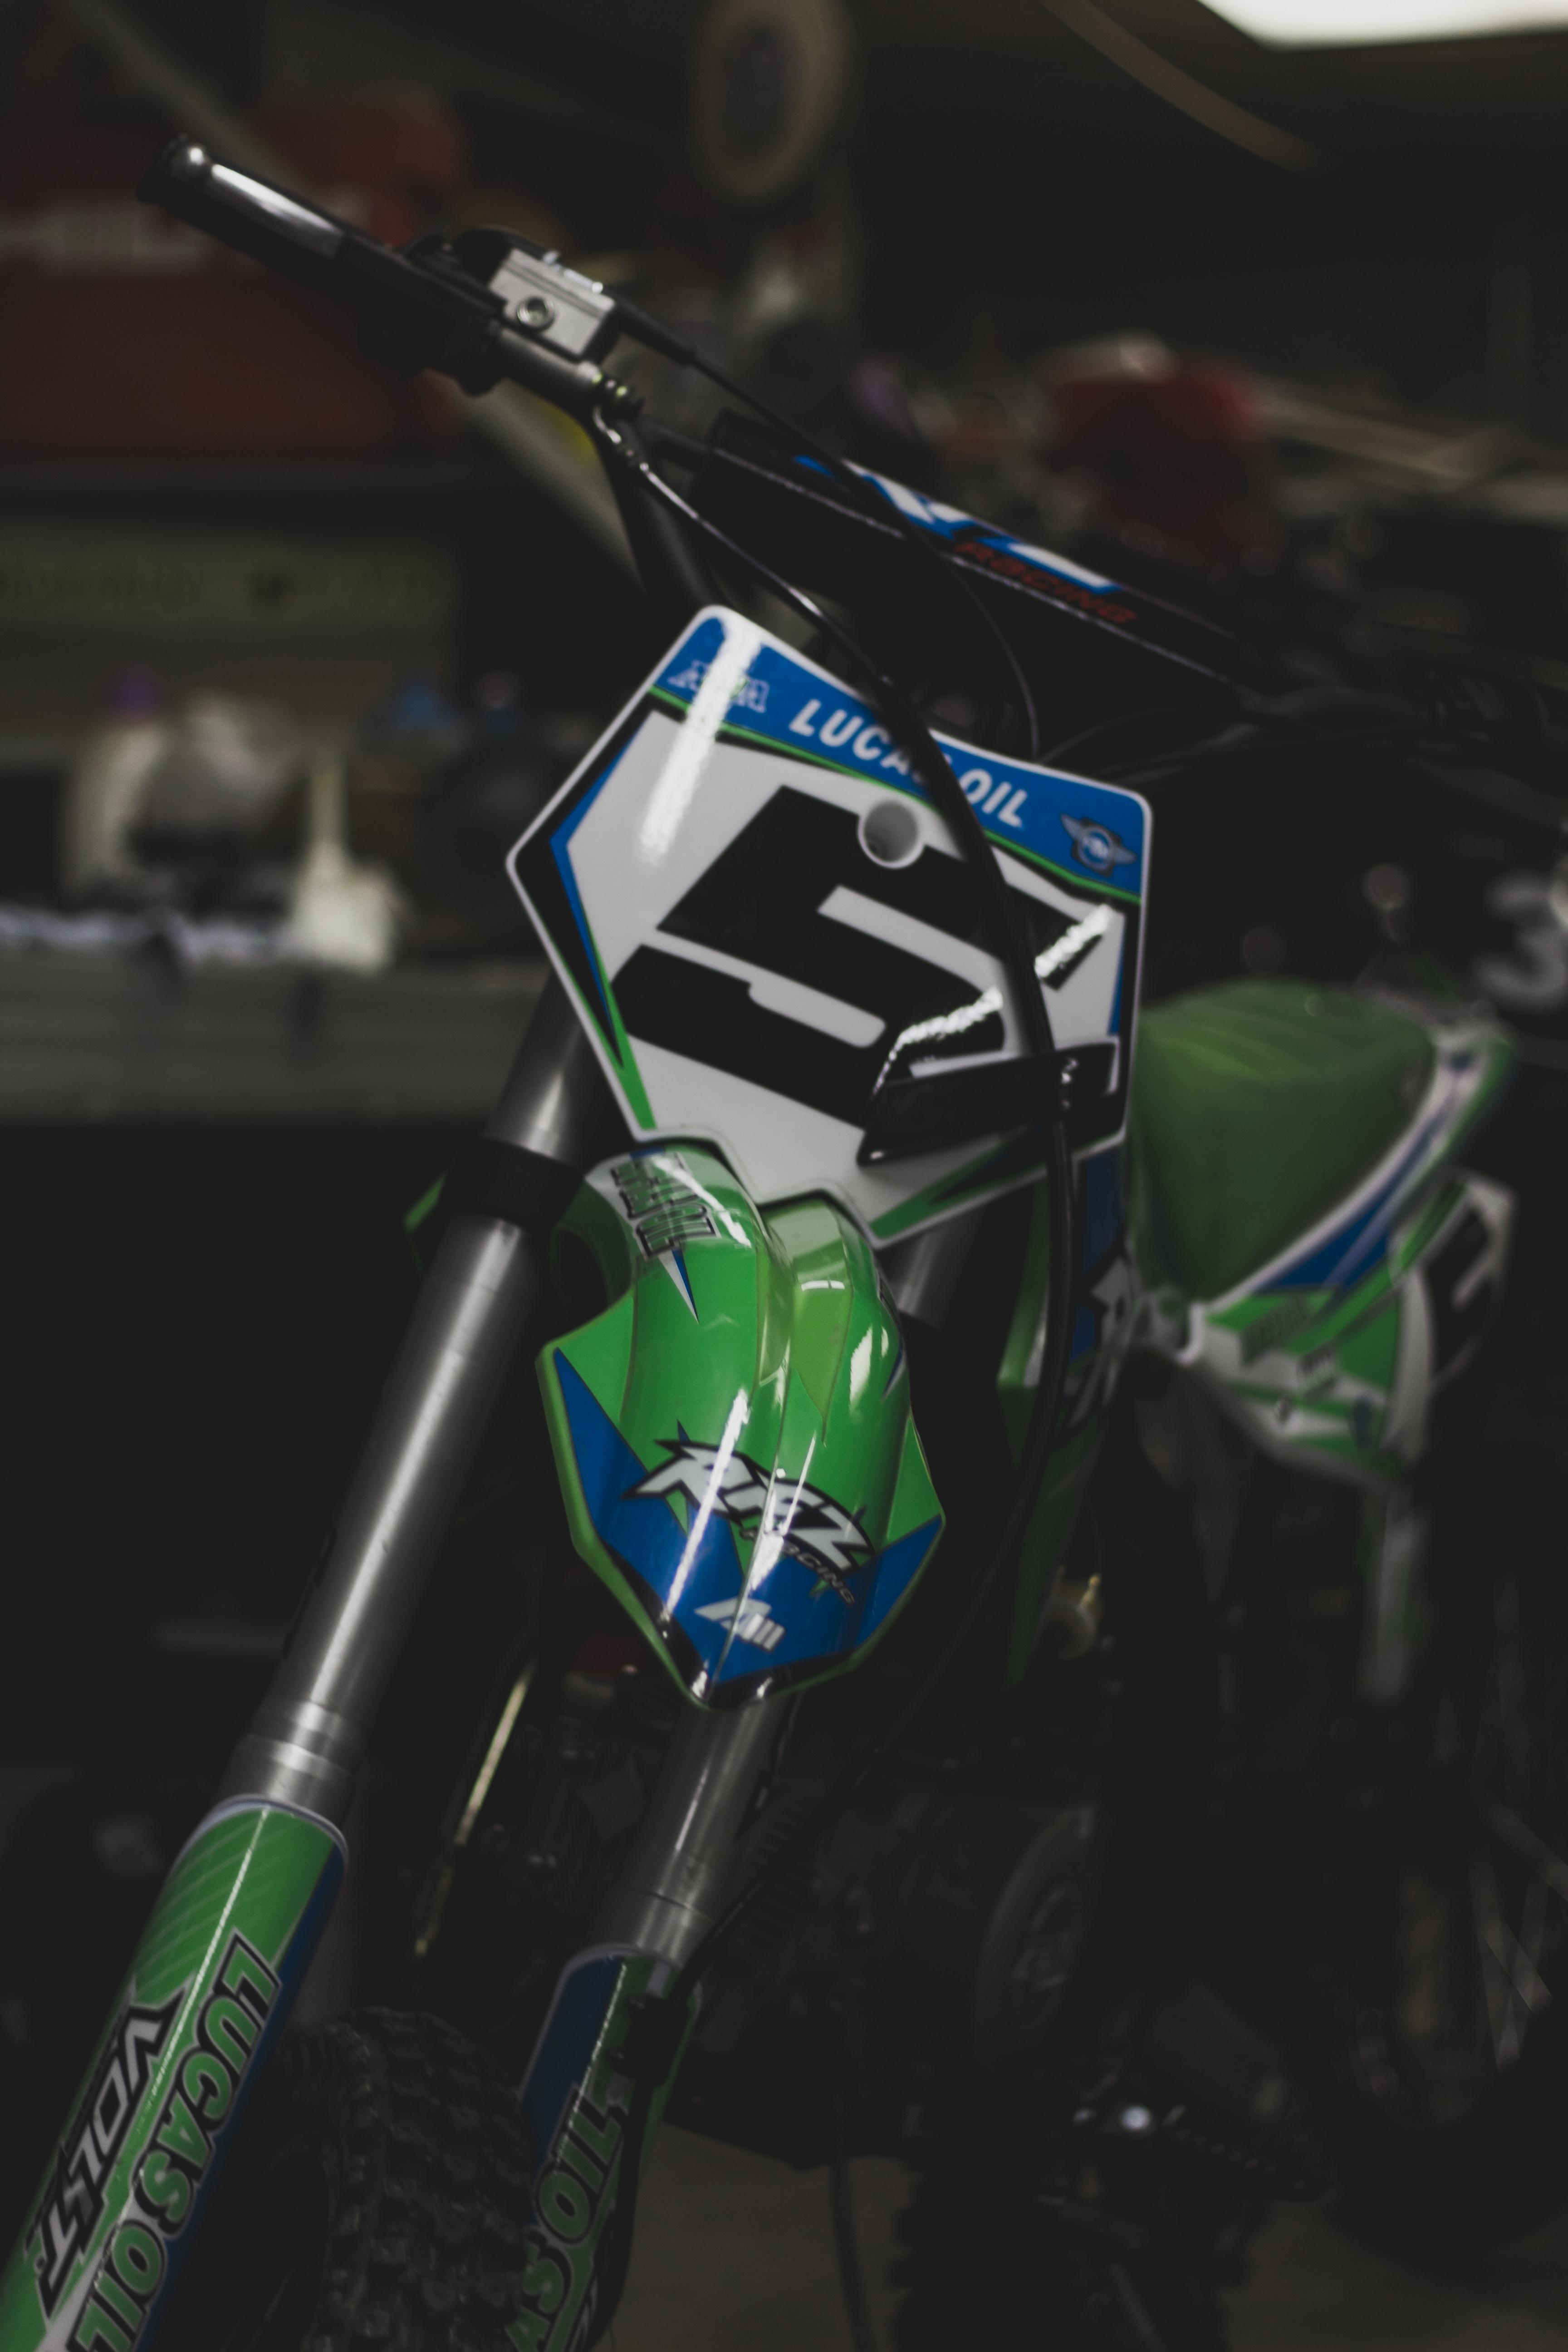 green and black motocross dirt bike